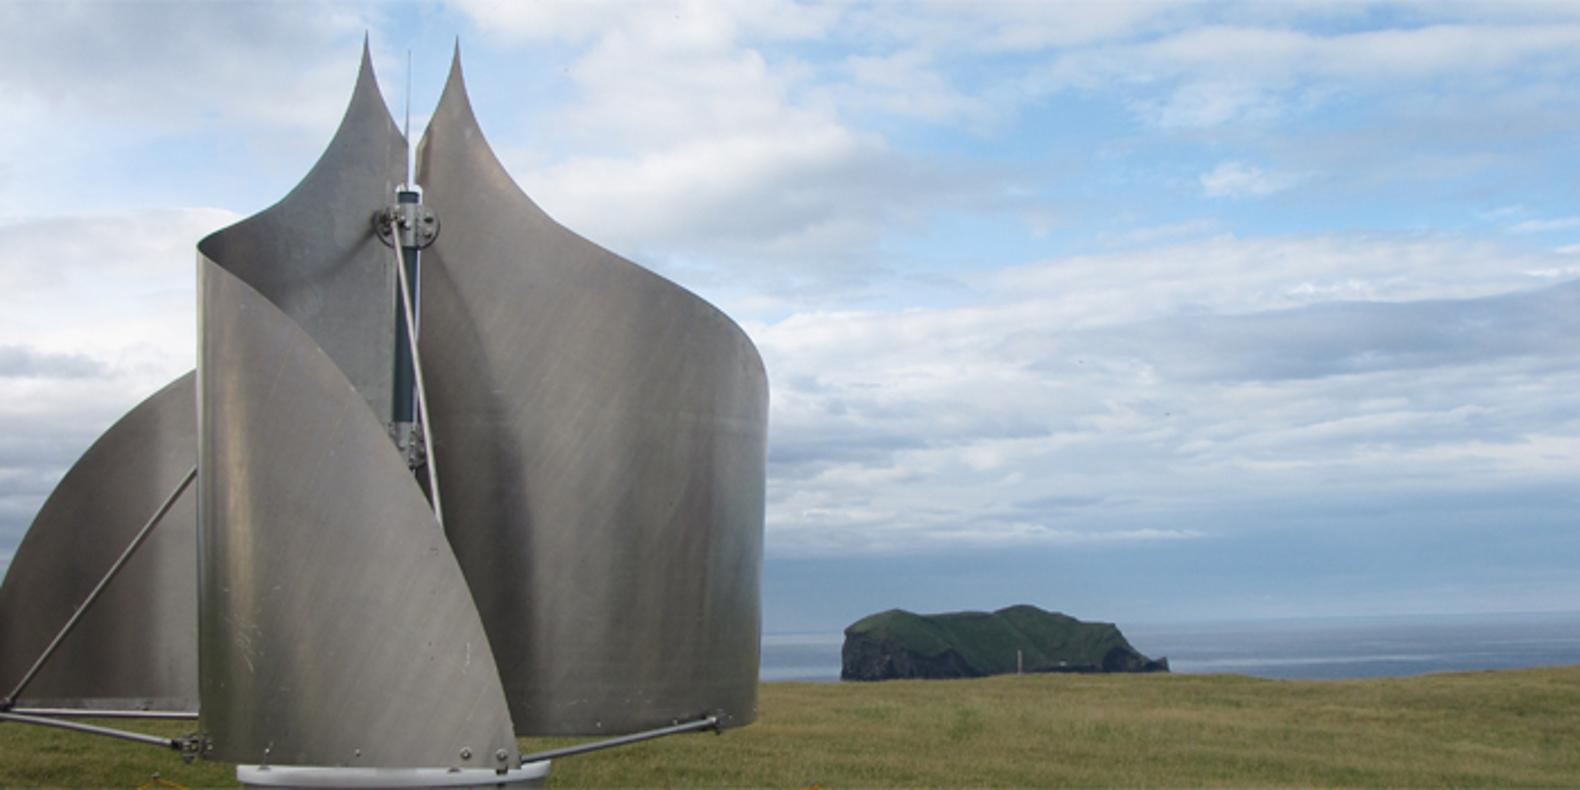 Инновационная ветровая турбина для сильных штормов Исландии. Facepla.net последние новости экологии